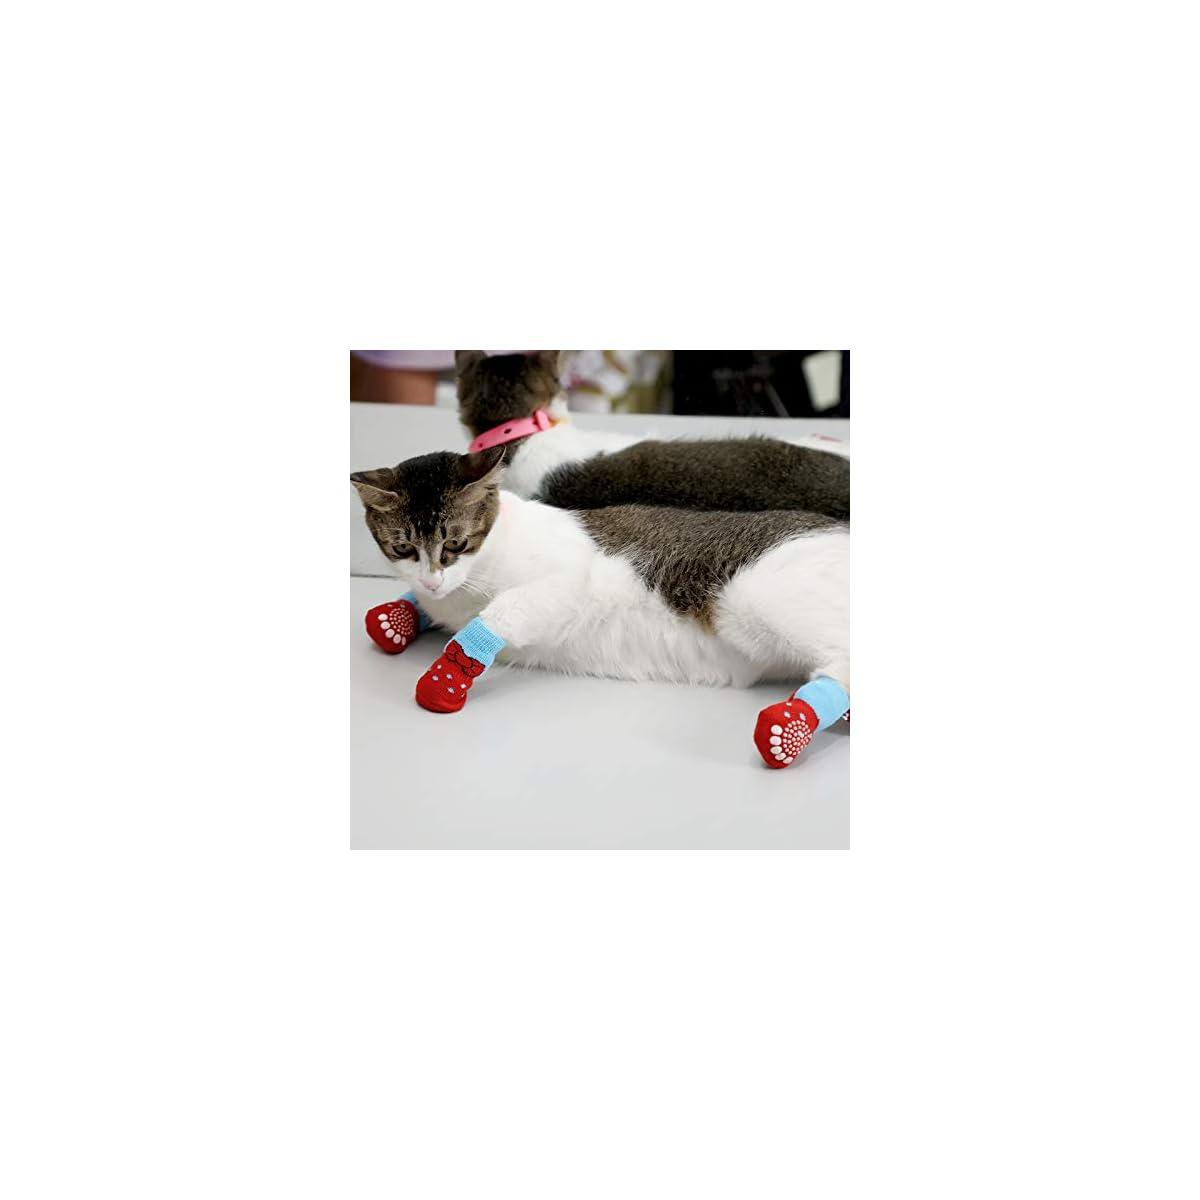 S Heiqlay Calzini per Cani Gatti Protezione Zampa per Cani Calze Cane Calzini Antiscivolo Cane Calzini per animali domestici Calzini per il controllo della trazione Adatta per cani di taglia 3 set